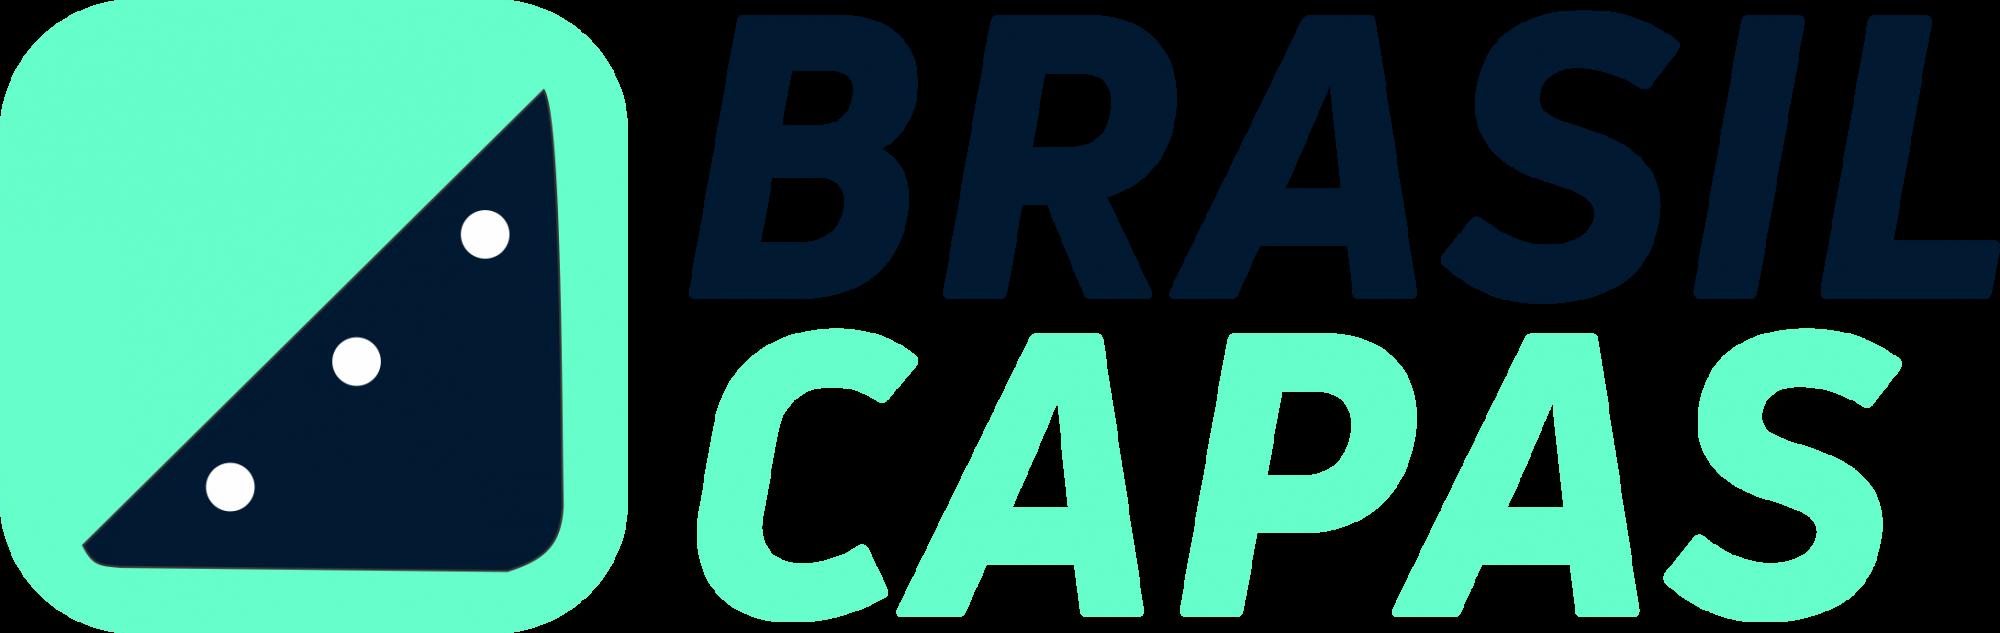 Frete Brasil capas